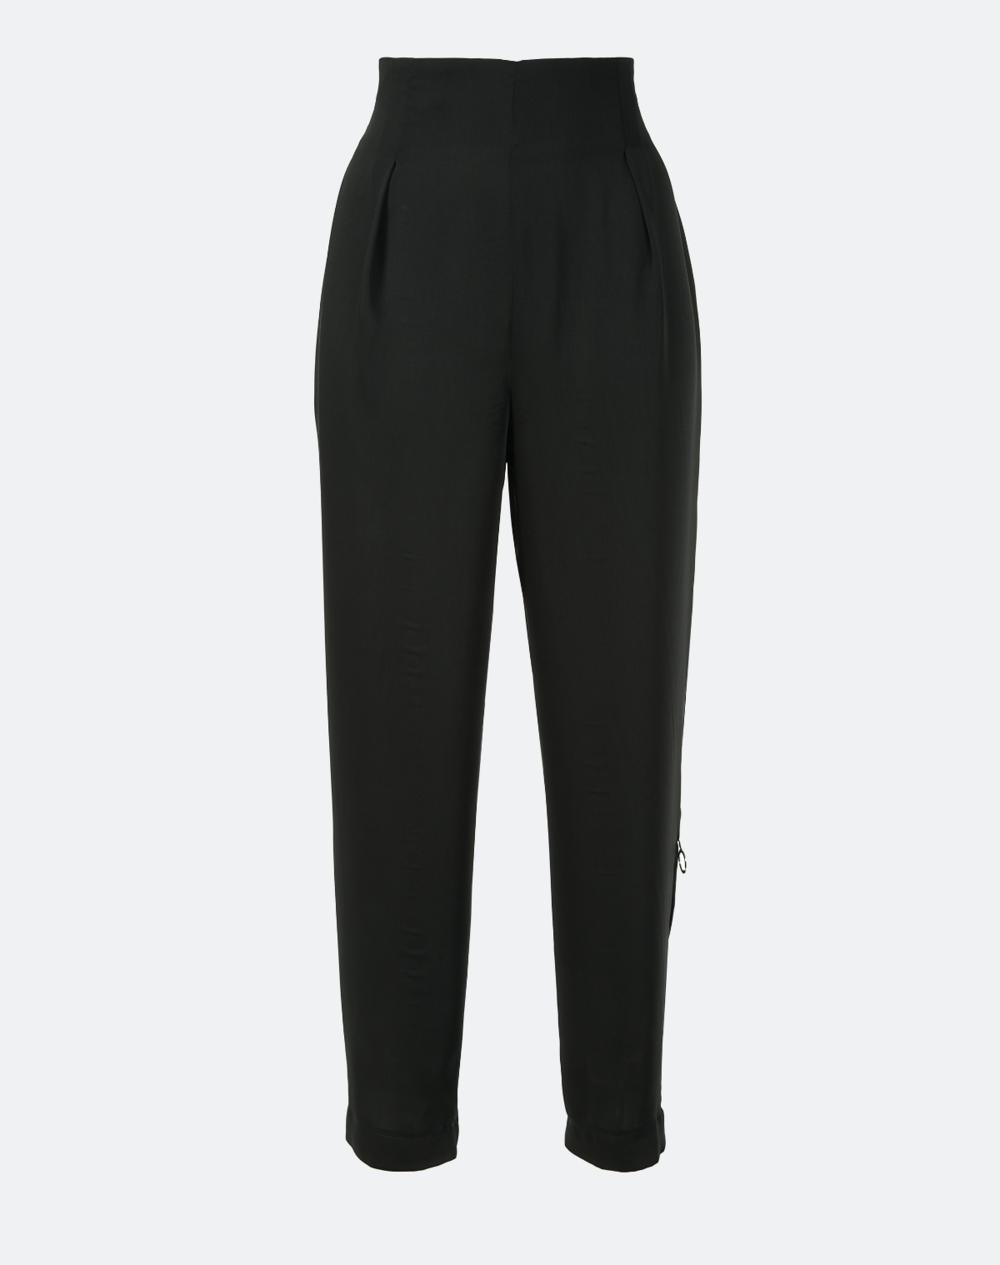 Spodnie Black Tulip z kolekcji Six Essential Pants, projekt Ania Kuczyńska